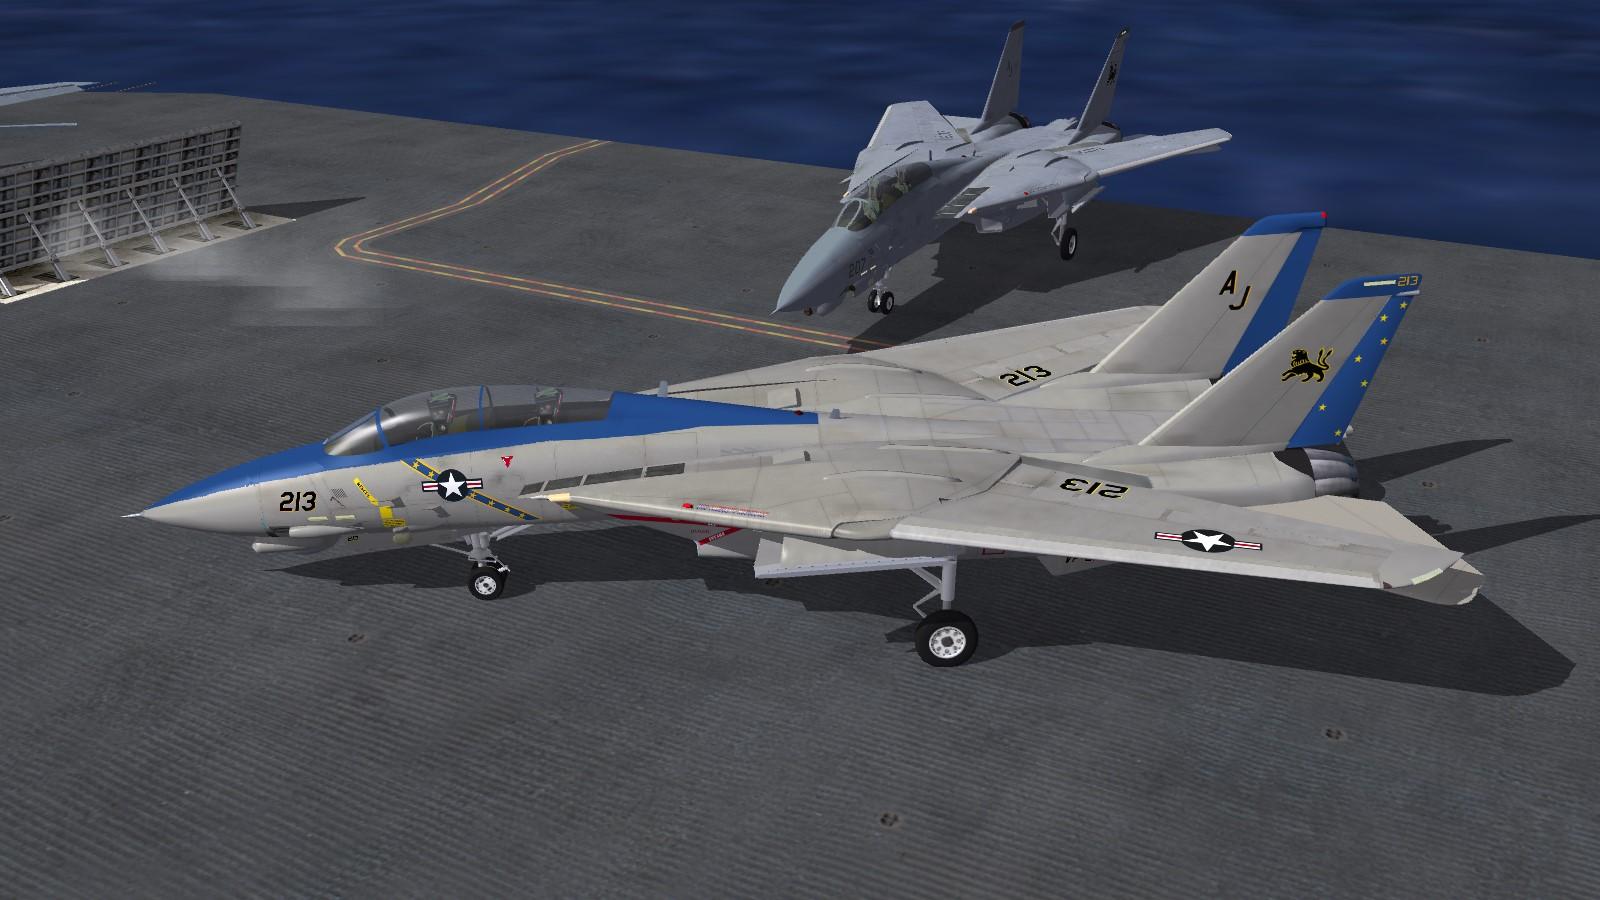 VF-213 Black Lions Last Roar!